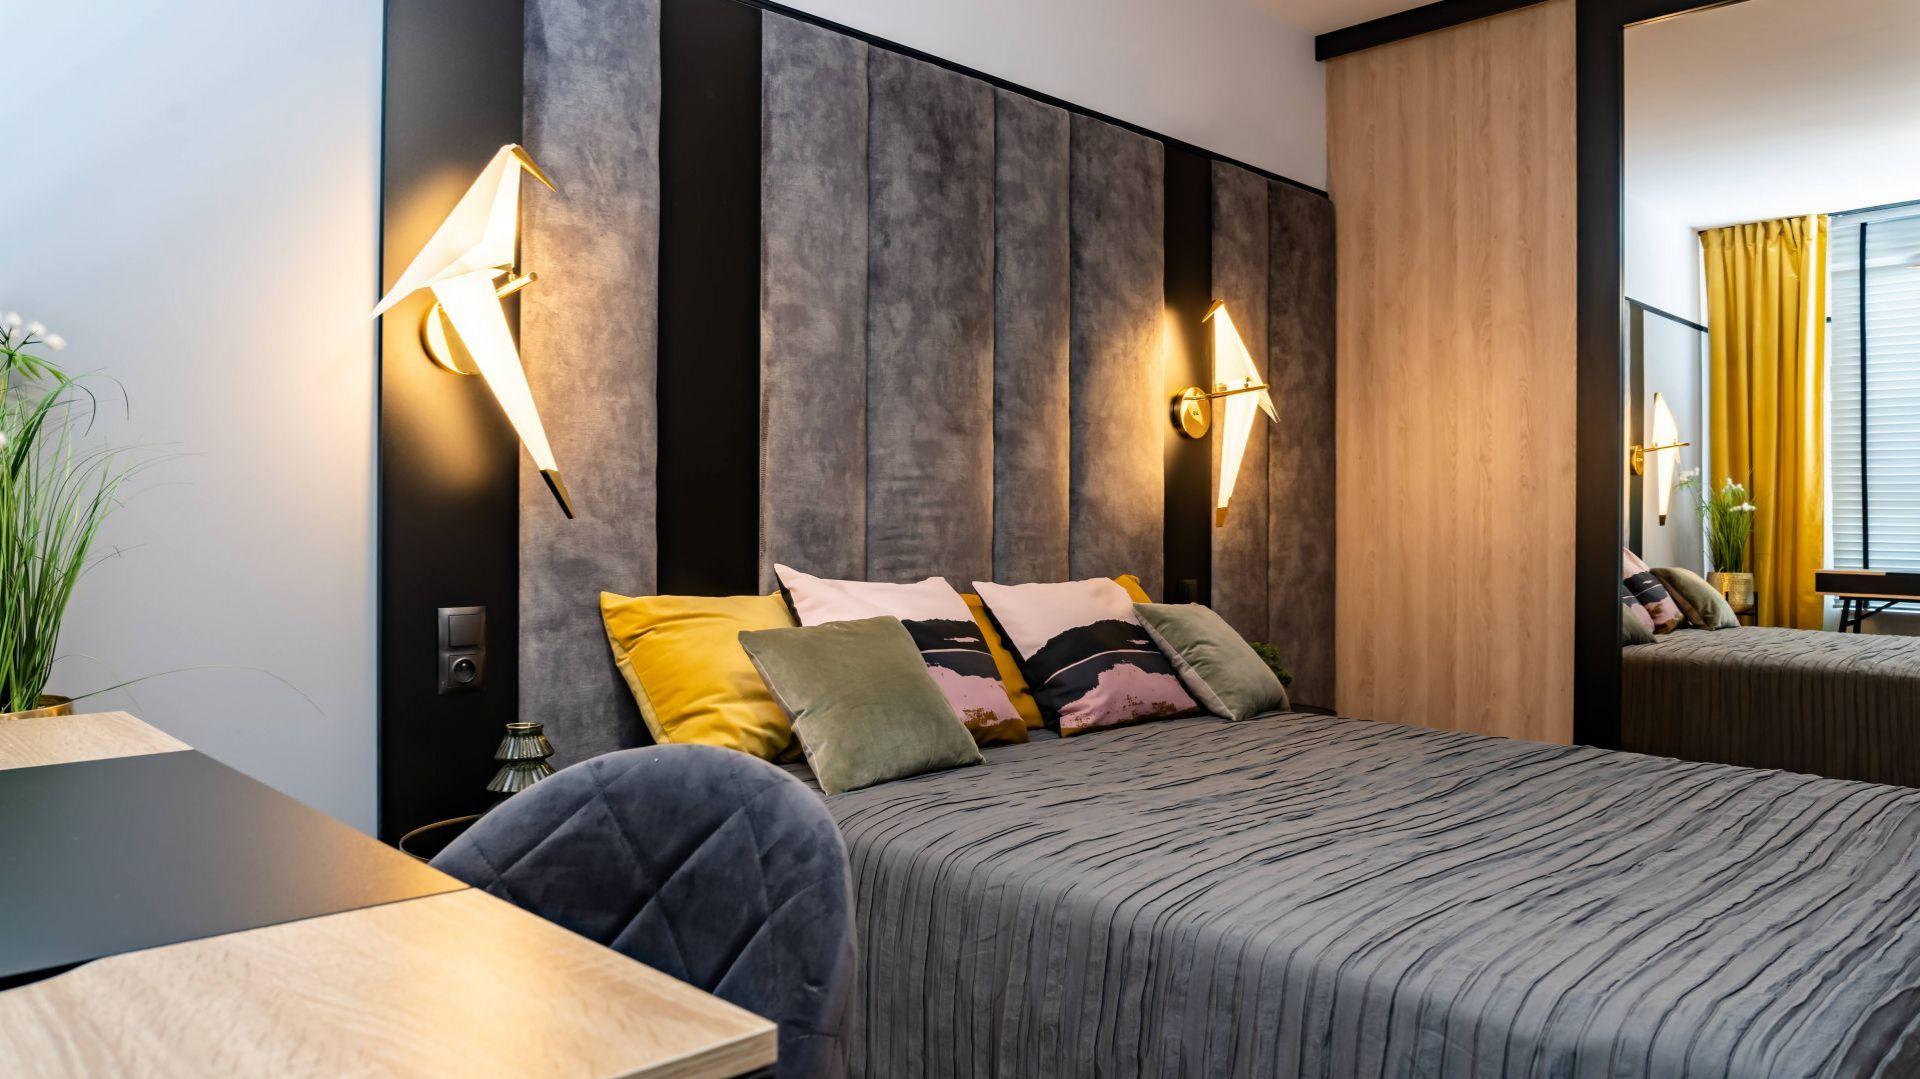 Ścianę za łóżkiem zdobi piękny, tapicerowany zagłówek w szarym i czarnym kolorze. Projekt: DG Studio Donata Gadalska. Fot. Jacek Fabiszewski